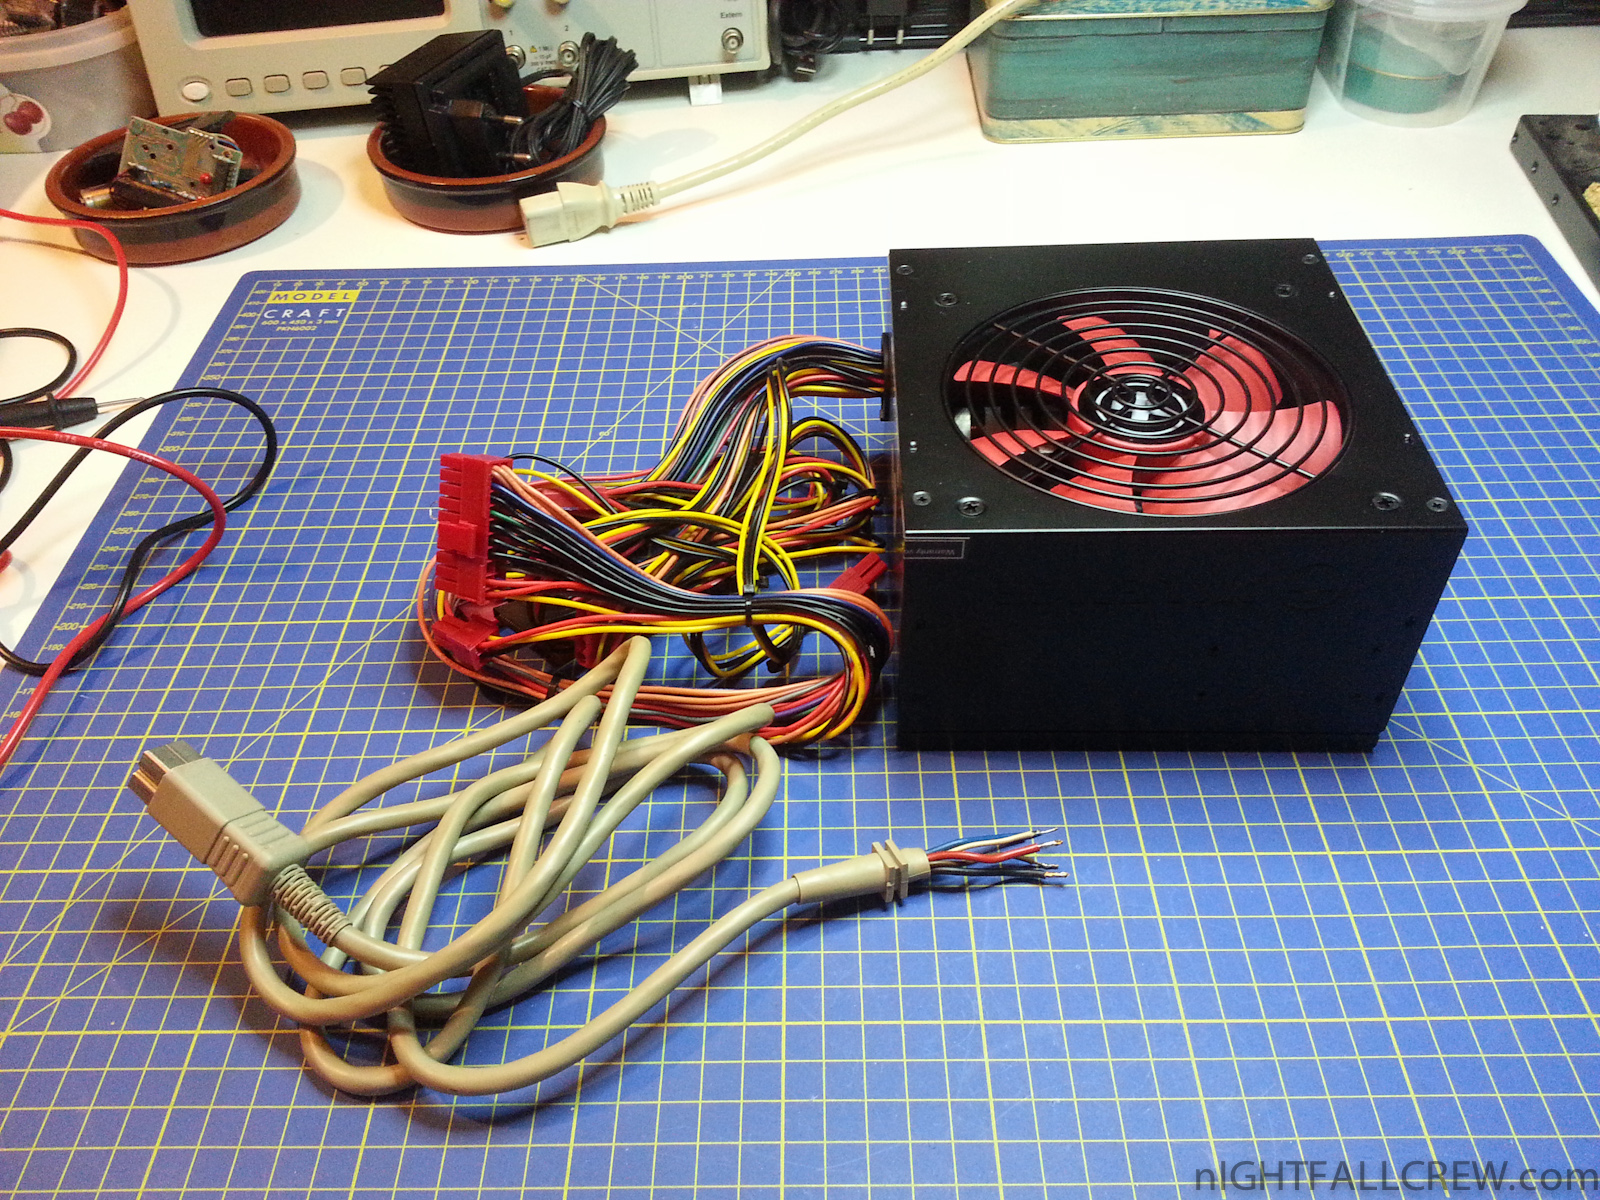 My Amiga 1200 Recapped + E127R Fix + ATX Power Supply | nIGHTFALL ...